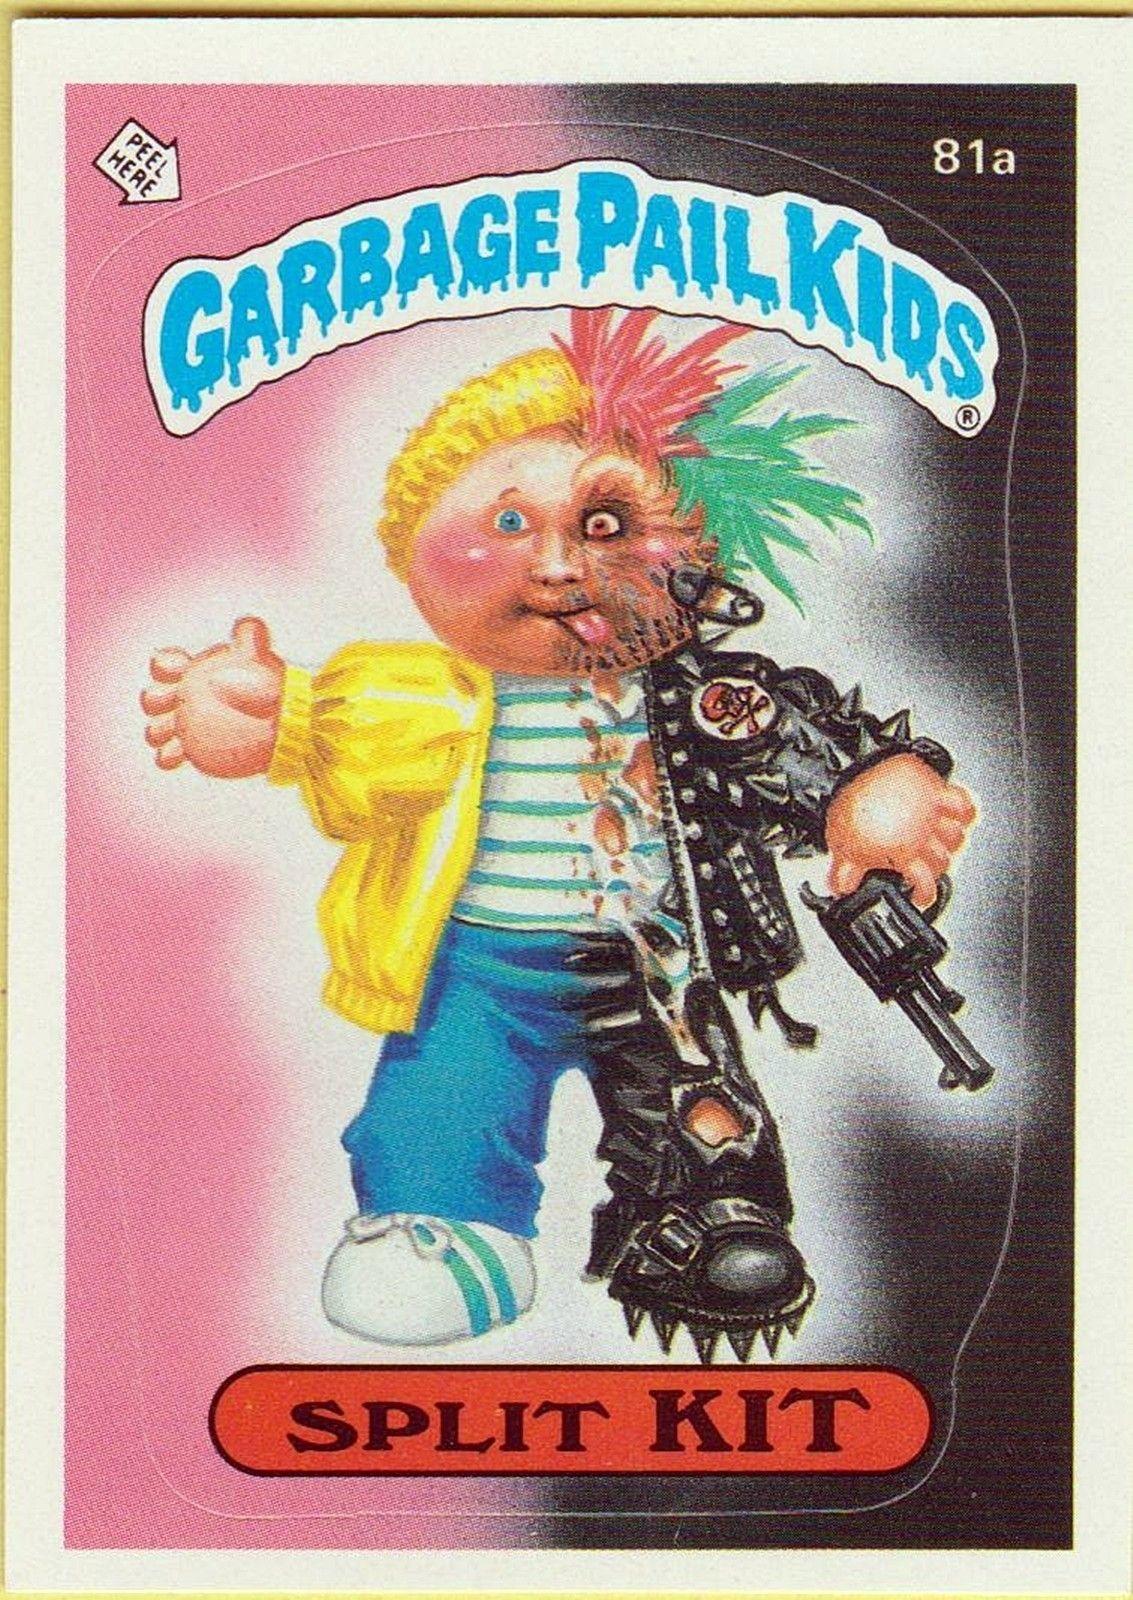 Garbage Pail Kids Garbage Pail Kids Omg Pinterest